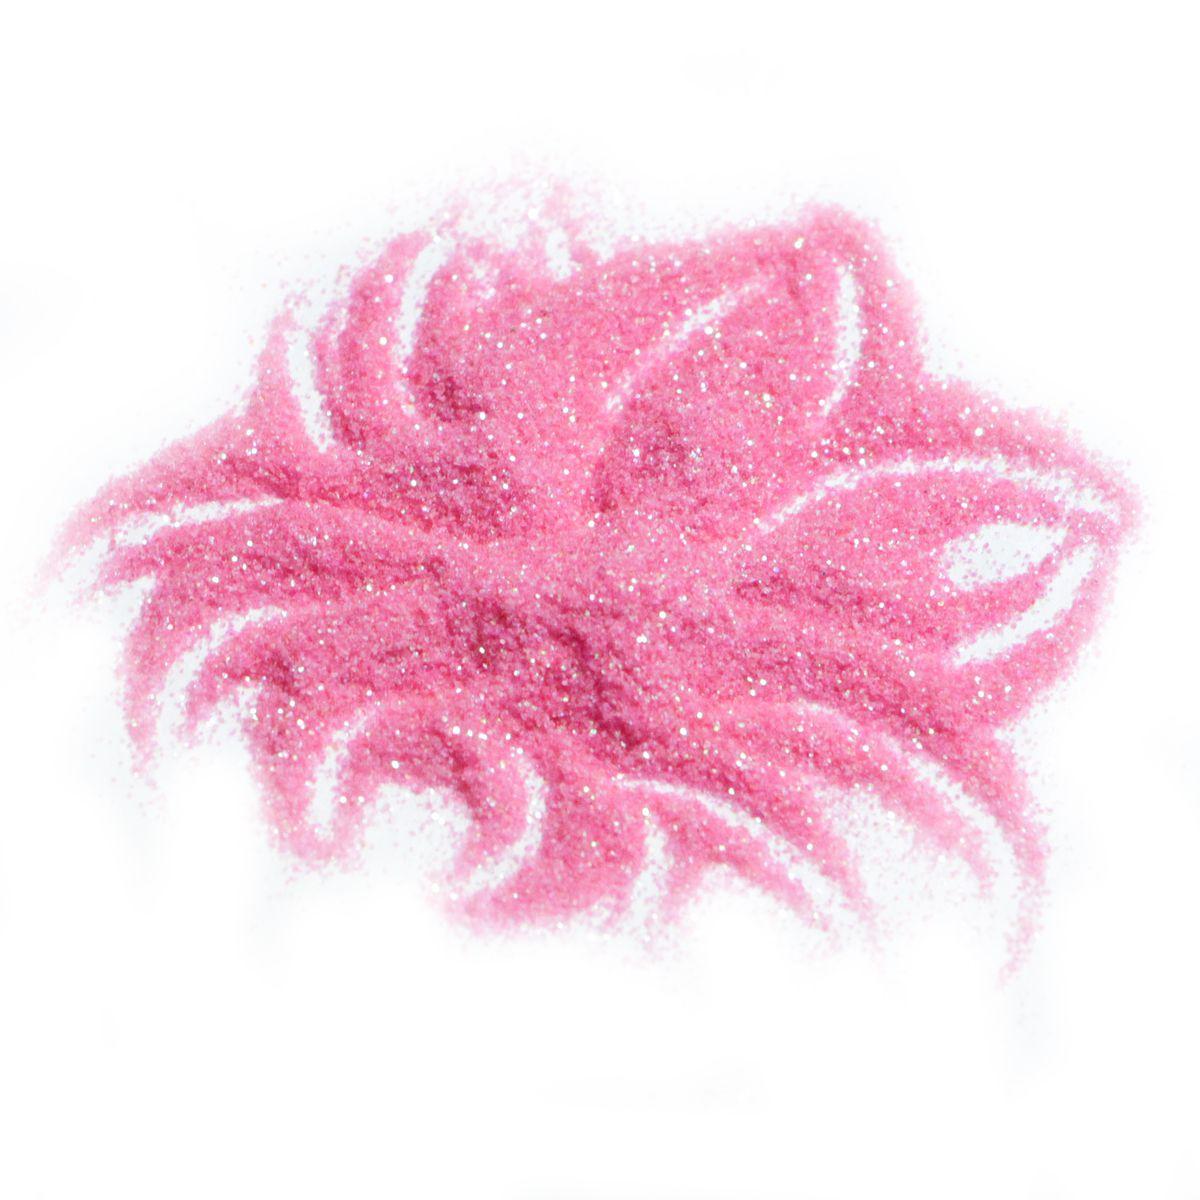 2100-25, Перламутровый розовый - блестки цветные2100-25Сухие блестки. Используются в декорировании практически на любых поверхностях для придания мерцания и блеска. Бывают мелкие в виде пудры и фигурные (многоугольники, звездочки, сердечки), одноцветные и голографические. Наносятся на клей для декупажа. Не об